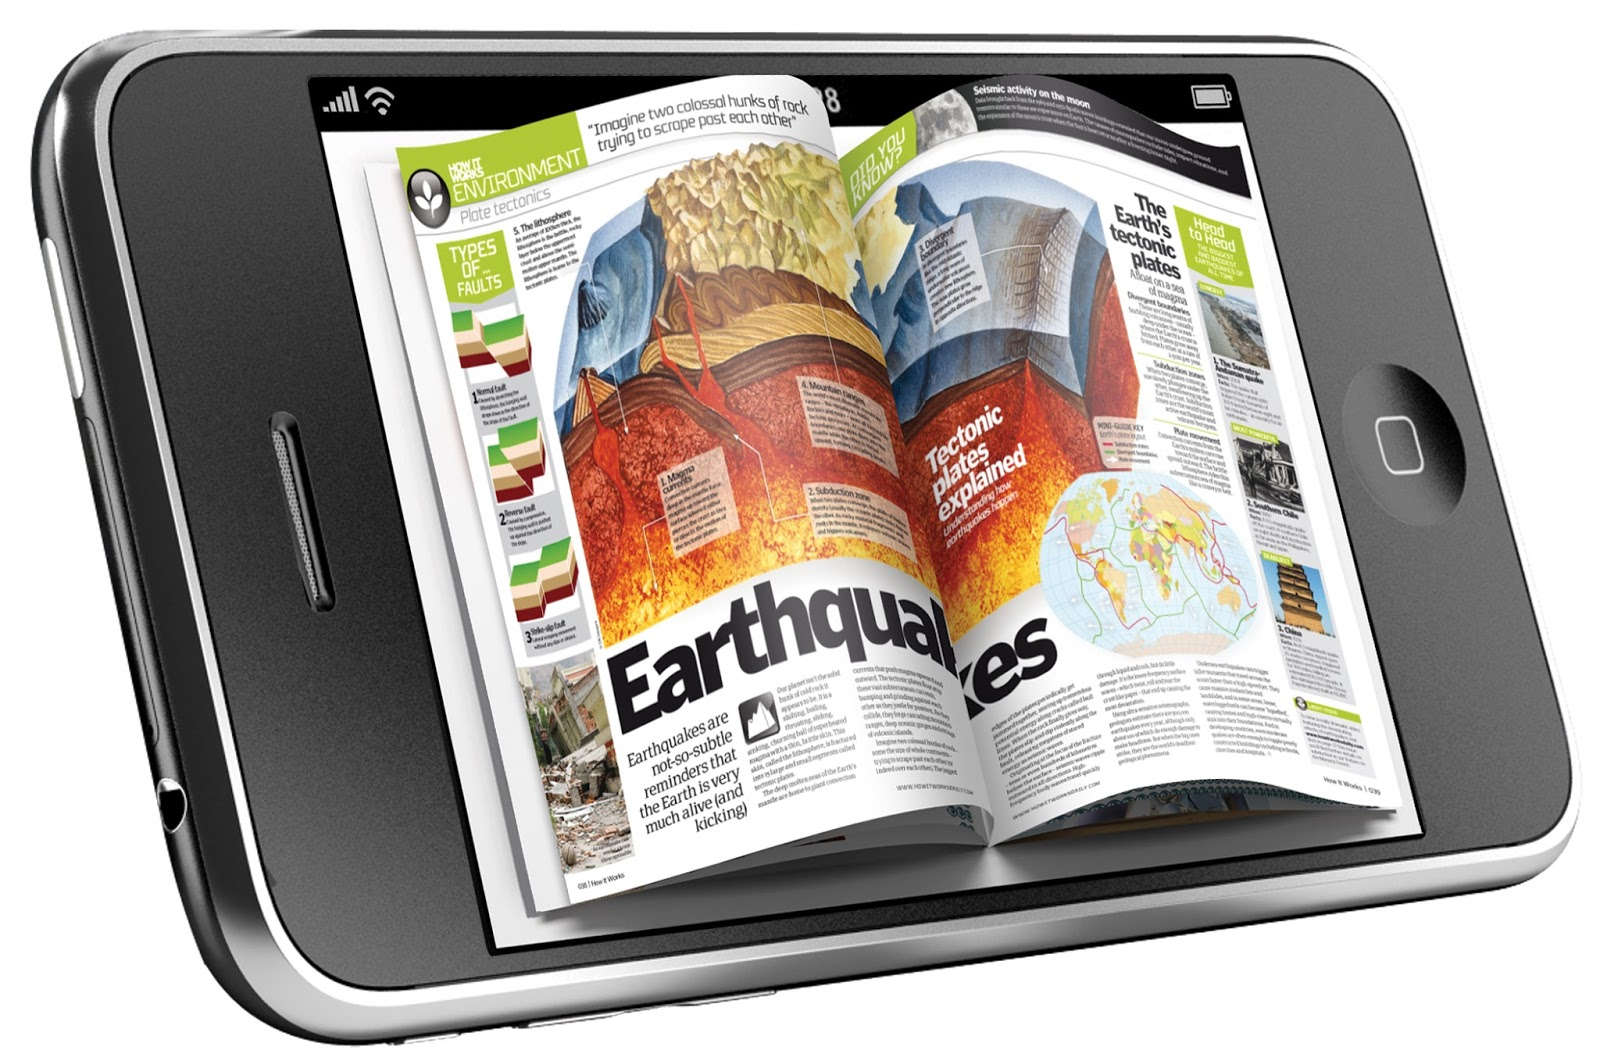 Joomag: The #1 issuu Alternative | Digital Publications Blog